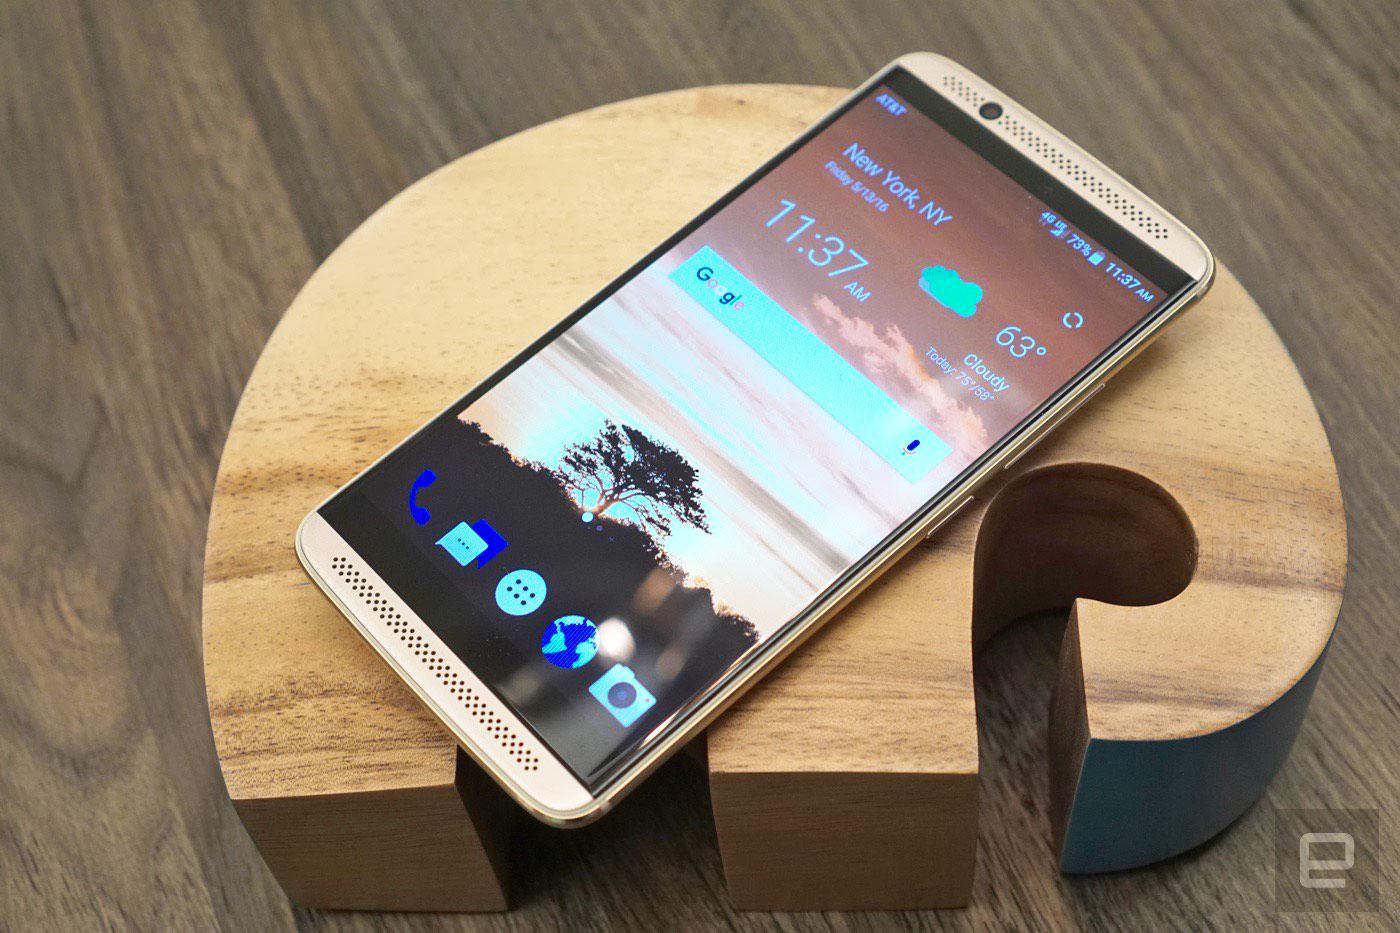 ZTE+Axon+7+gallery+5-ed ZTE nu se joaca si lanseaza un telefon foarte puternic, Axon 7, un adevarat flagship cu specificatii excelente